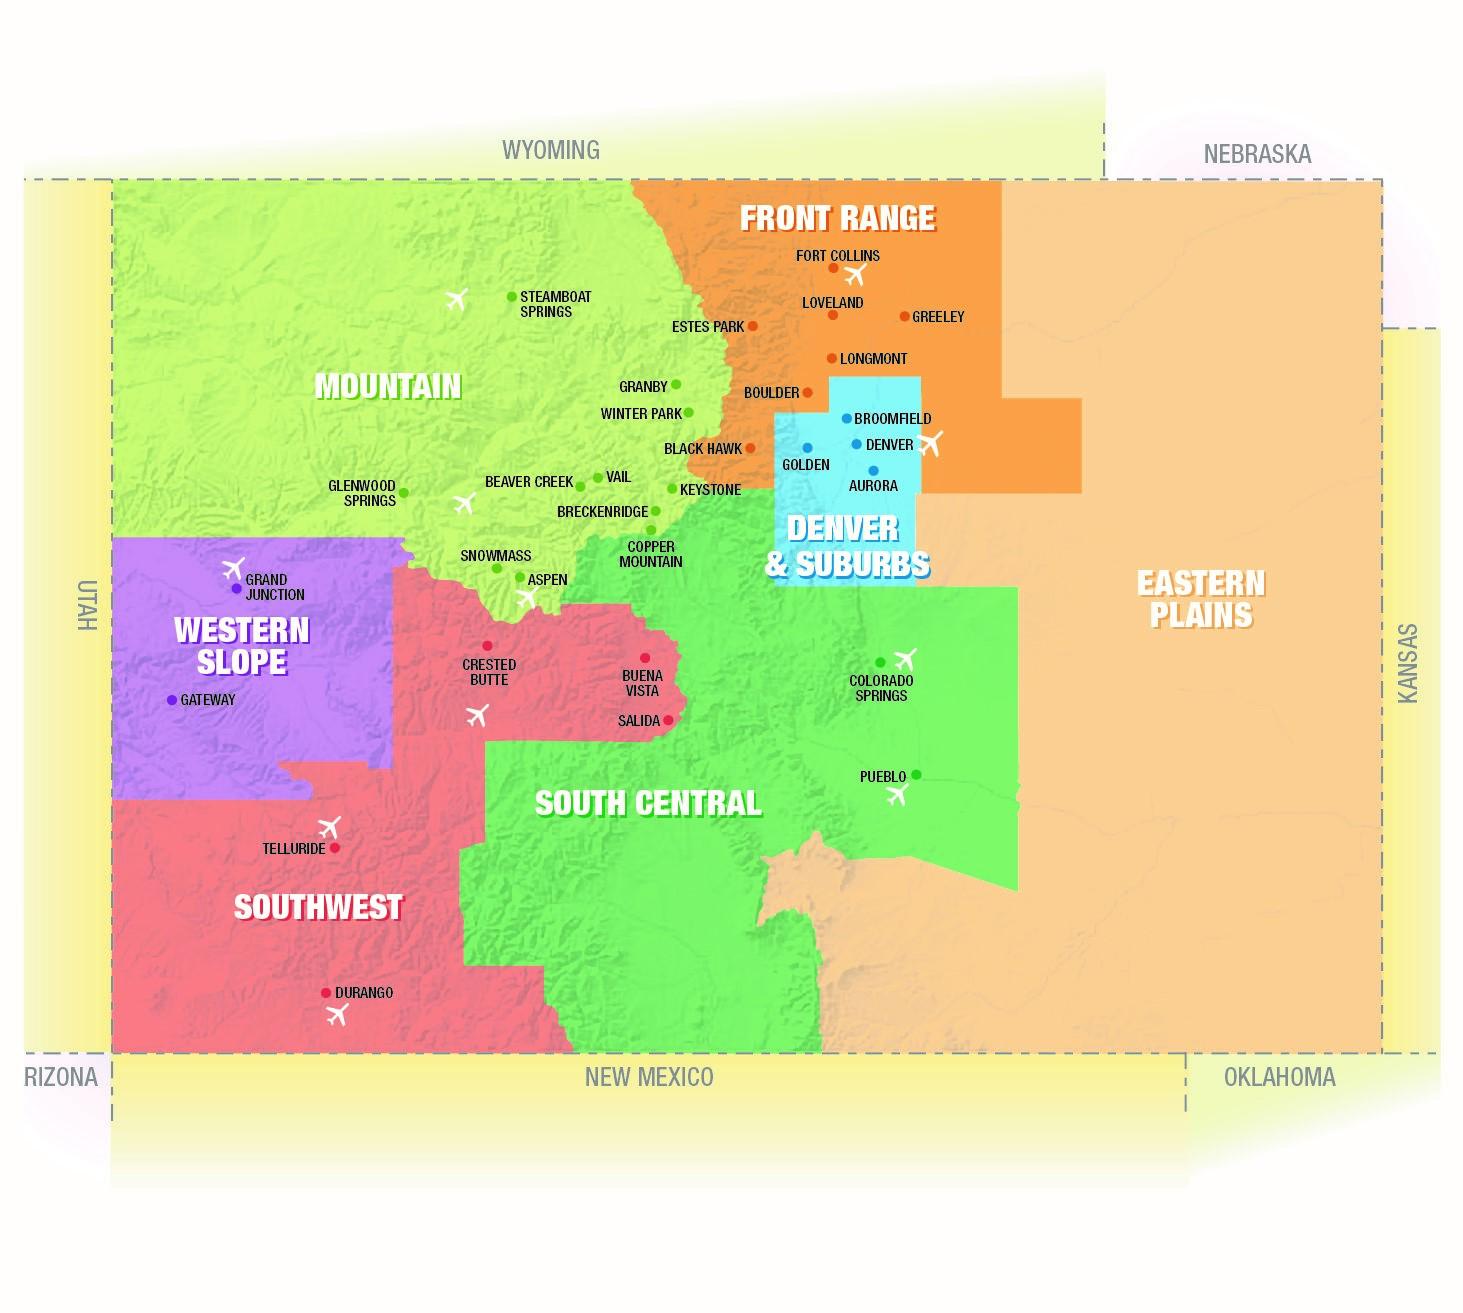 Colorado Regions & Cities